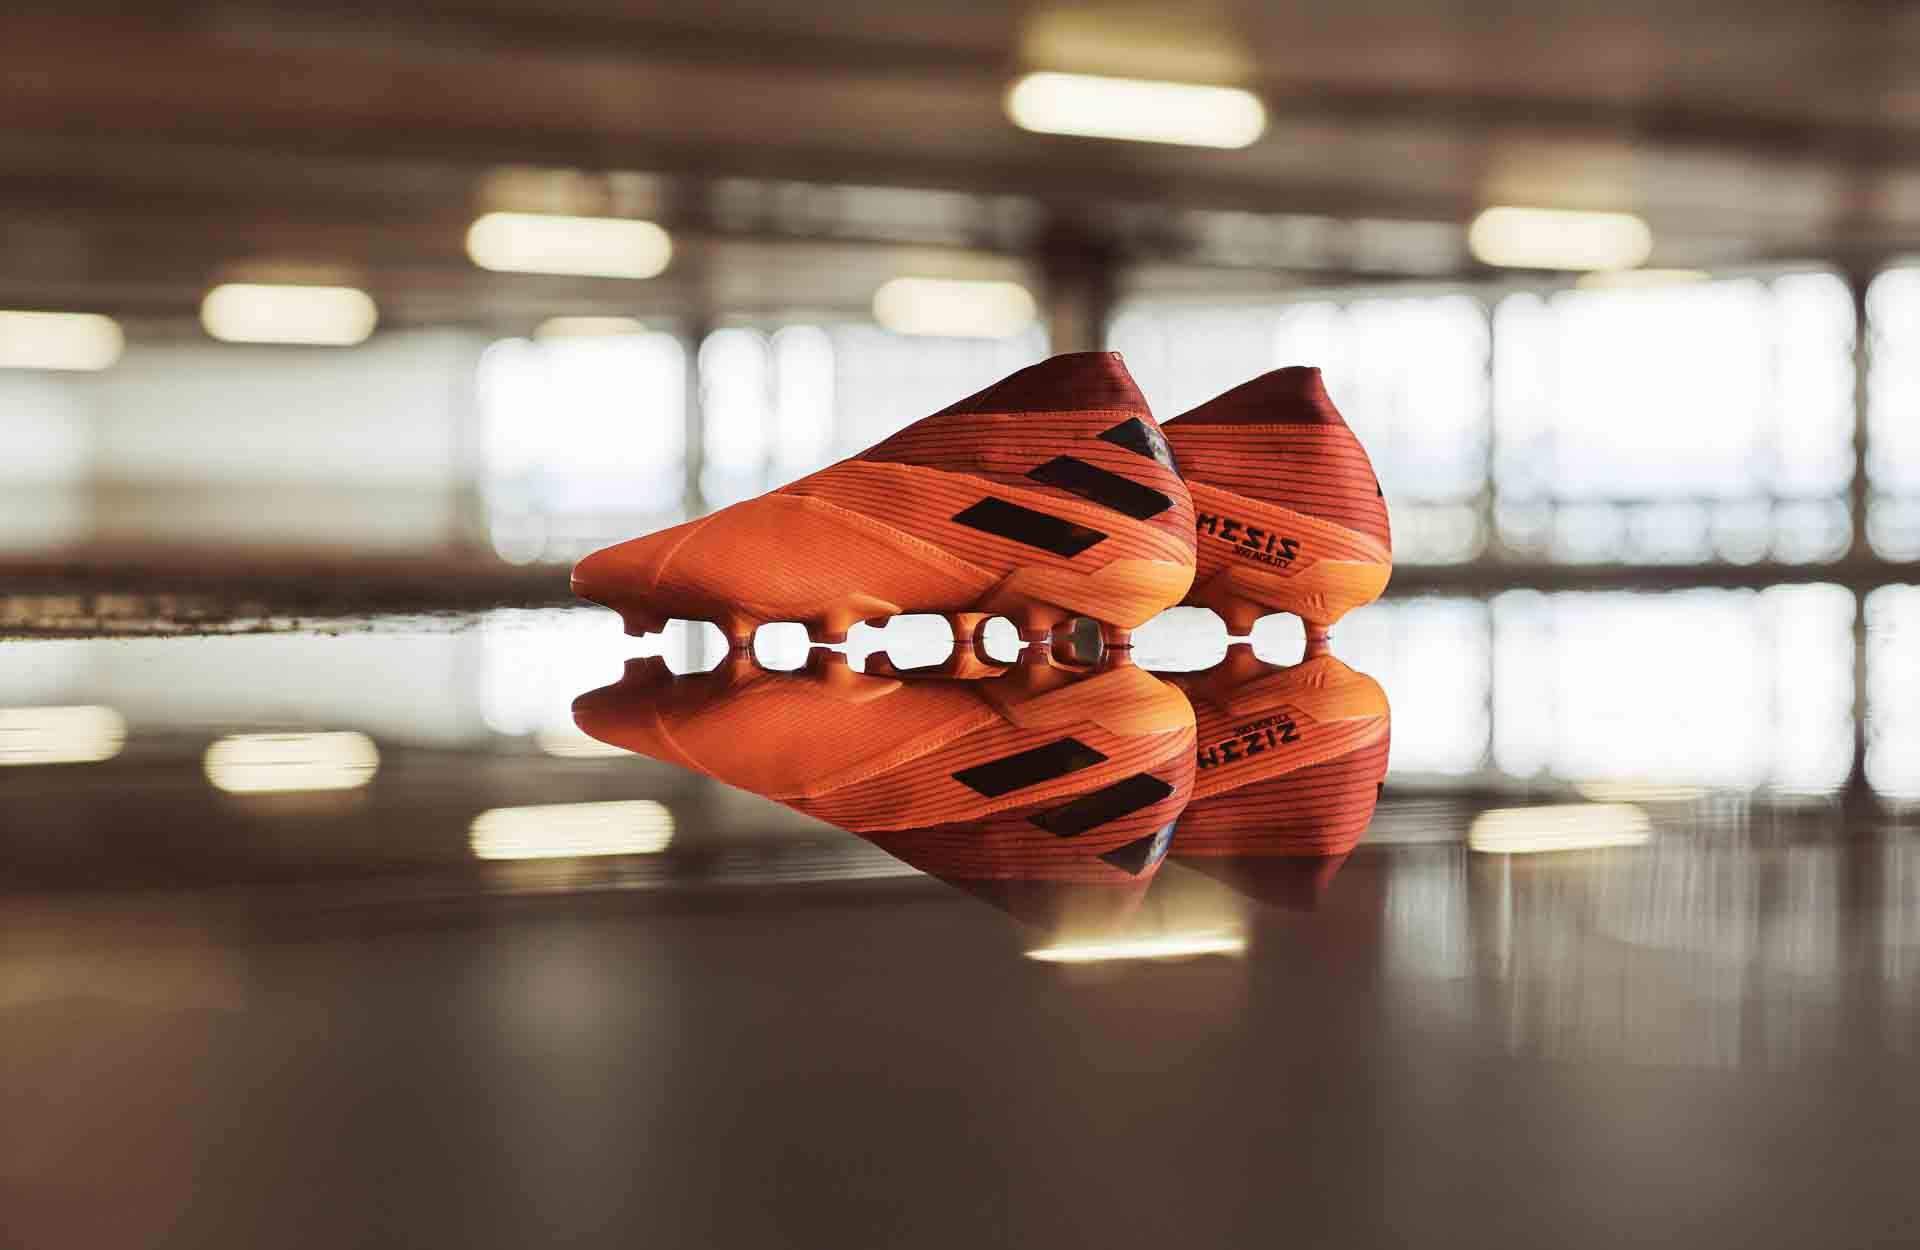 Adidas Nemeziz trong bộ sưu tập Inflight pack với gam màu cam đen đẹp mắt